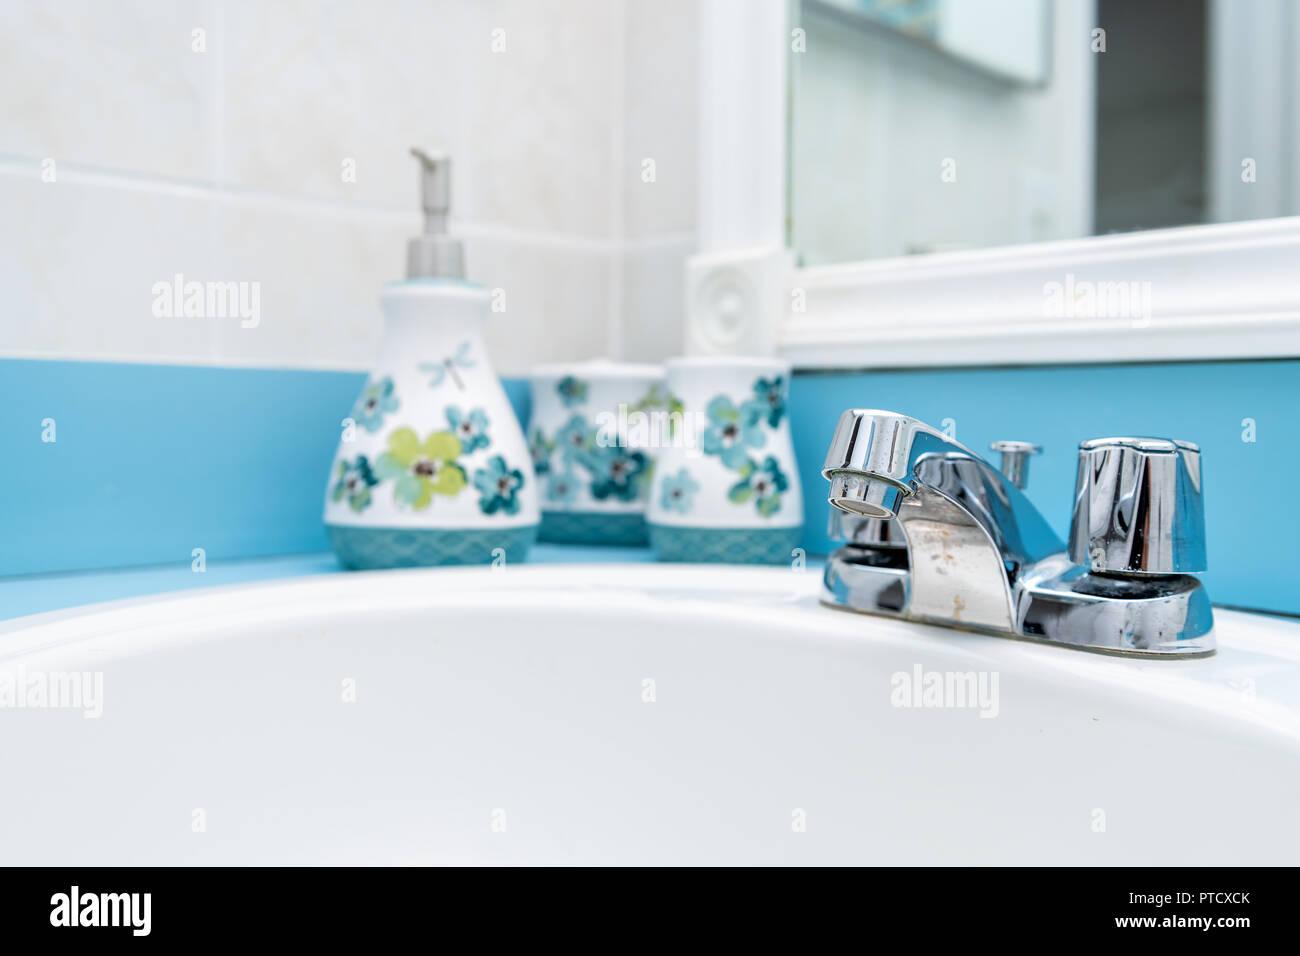 Libre De Bleu, Bleu Sarcelle Turquoise, Peinture Moderne, Salle De Bains,  Sol Carrelé, Murs Peints En Miroir, Lavabo, Robinet Du0027eau Traitée Avec Des  ...